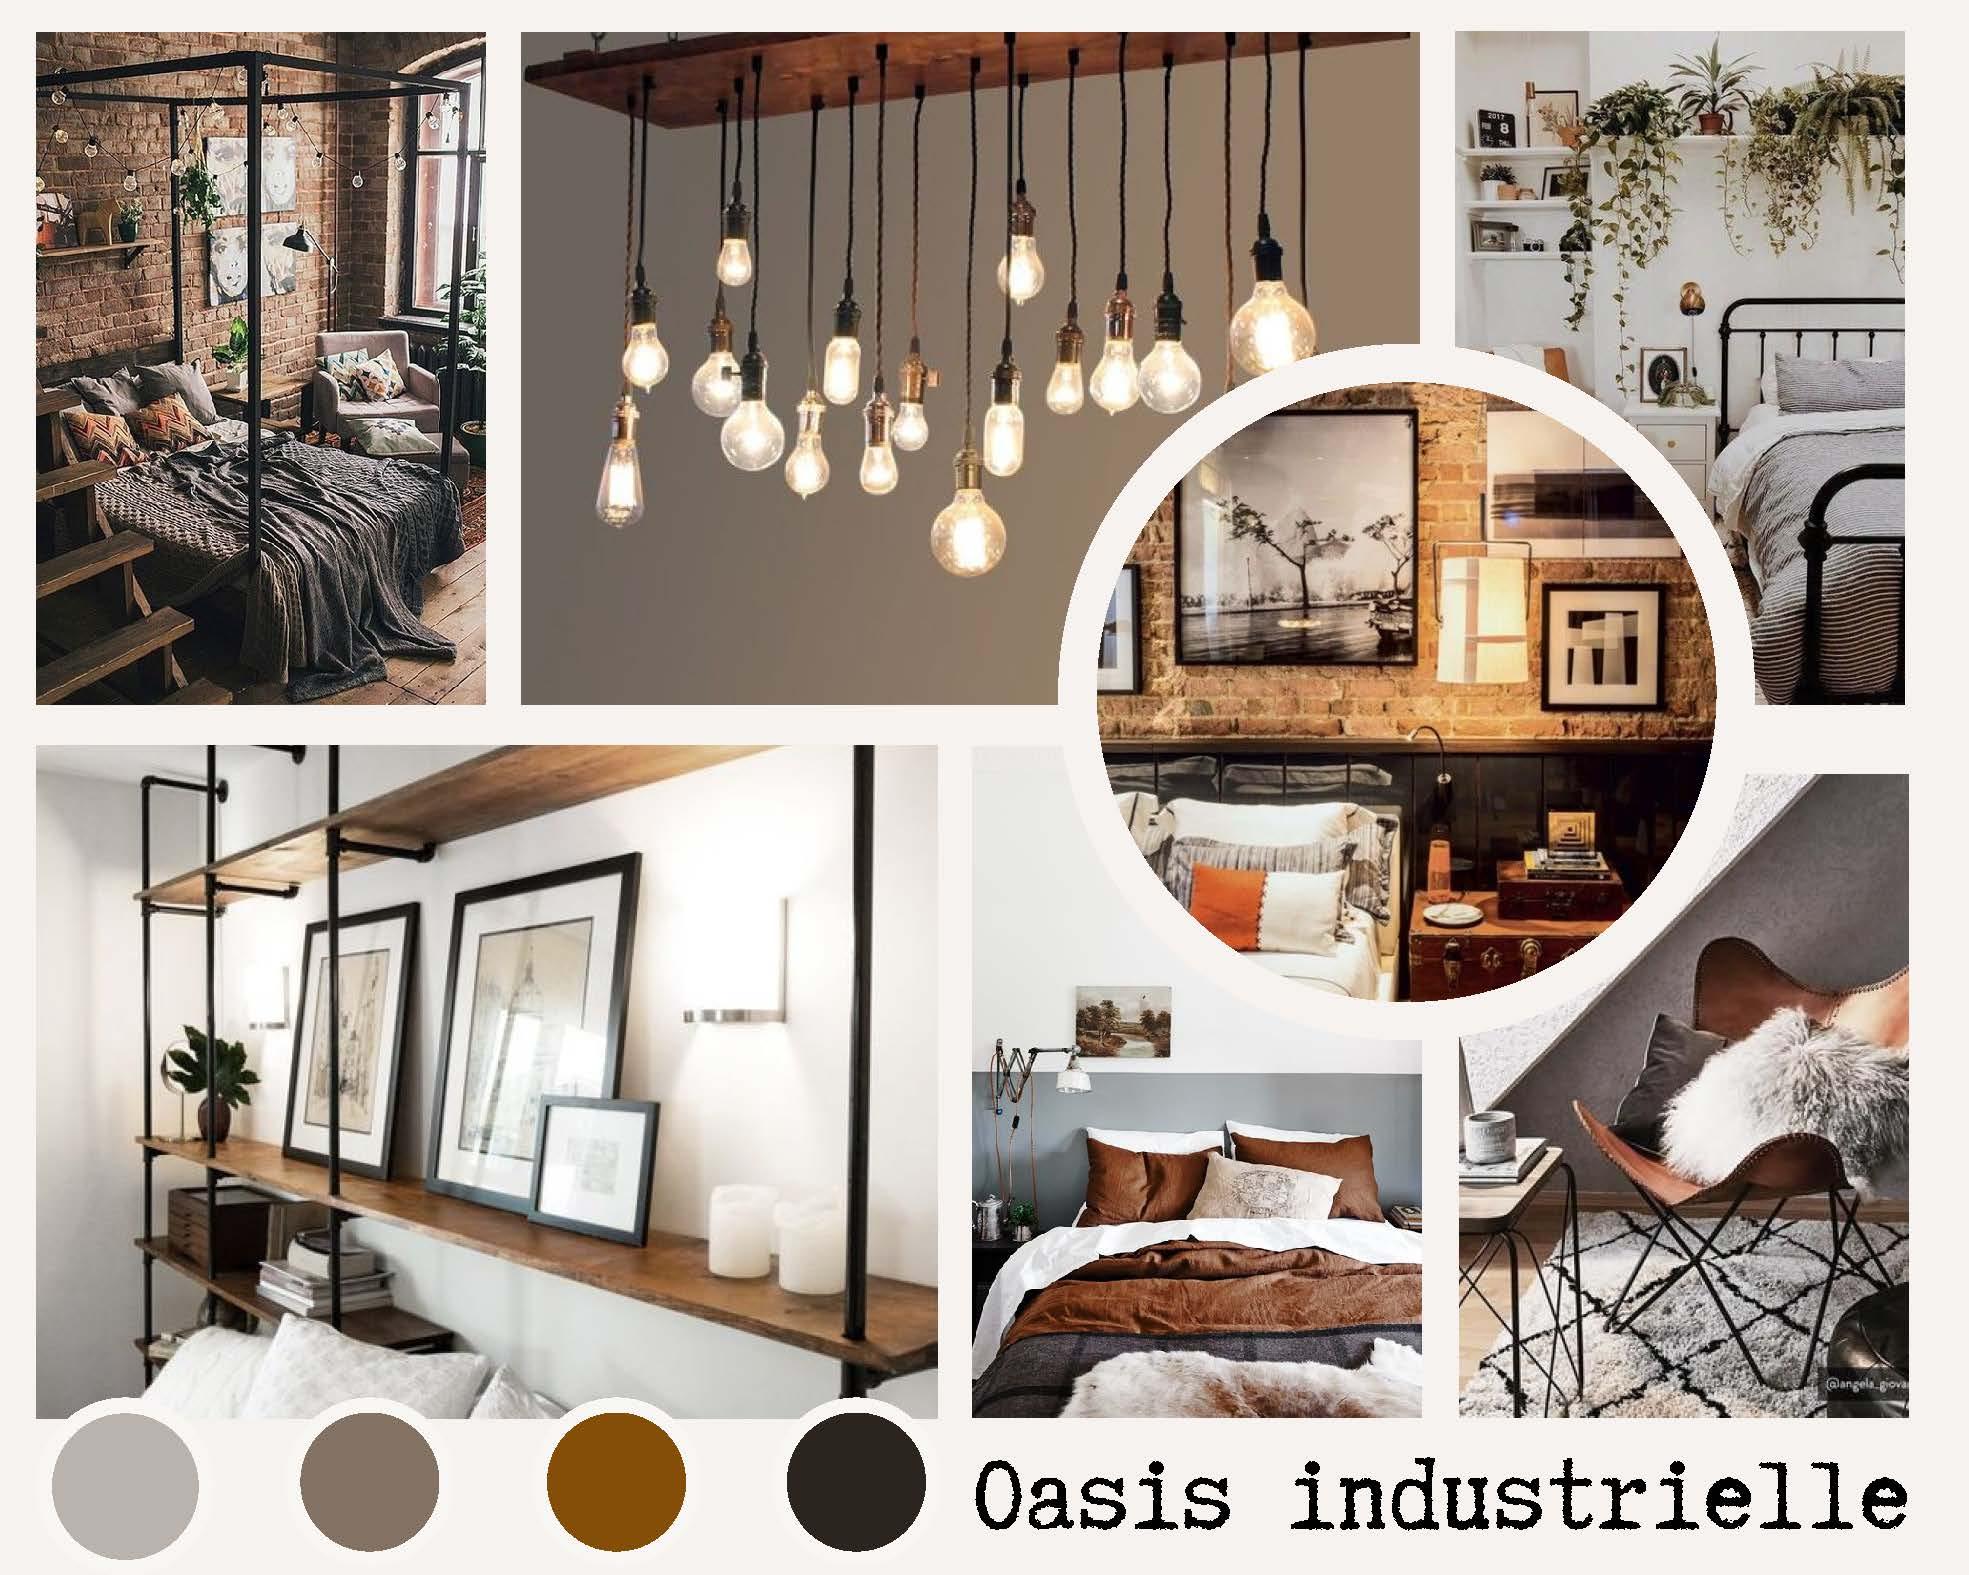 chambre décoration industrielle chic pour colocation, location meublée, aibnb, lmnp lmp